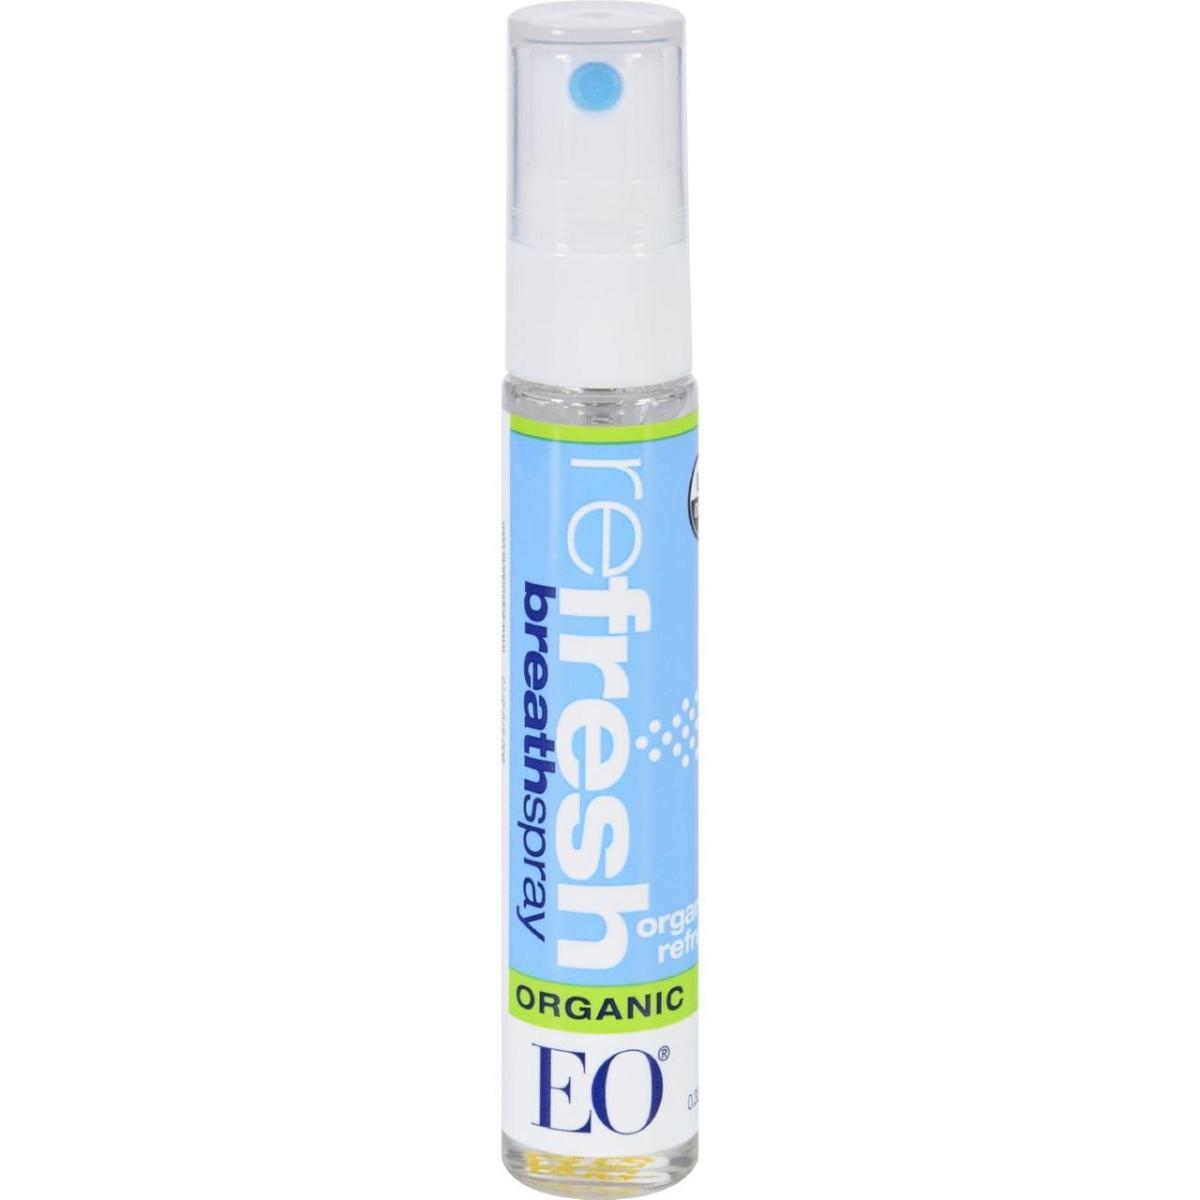 Eo Products Organic Refresh Breath Spray (12x33 Oz)